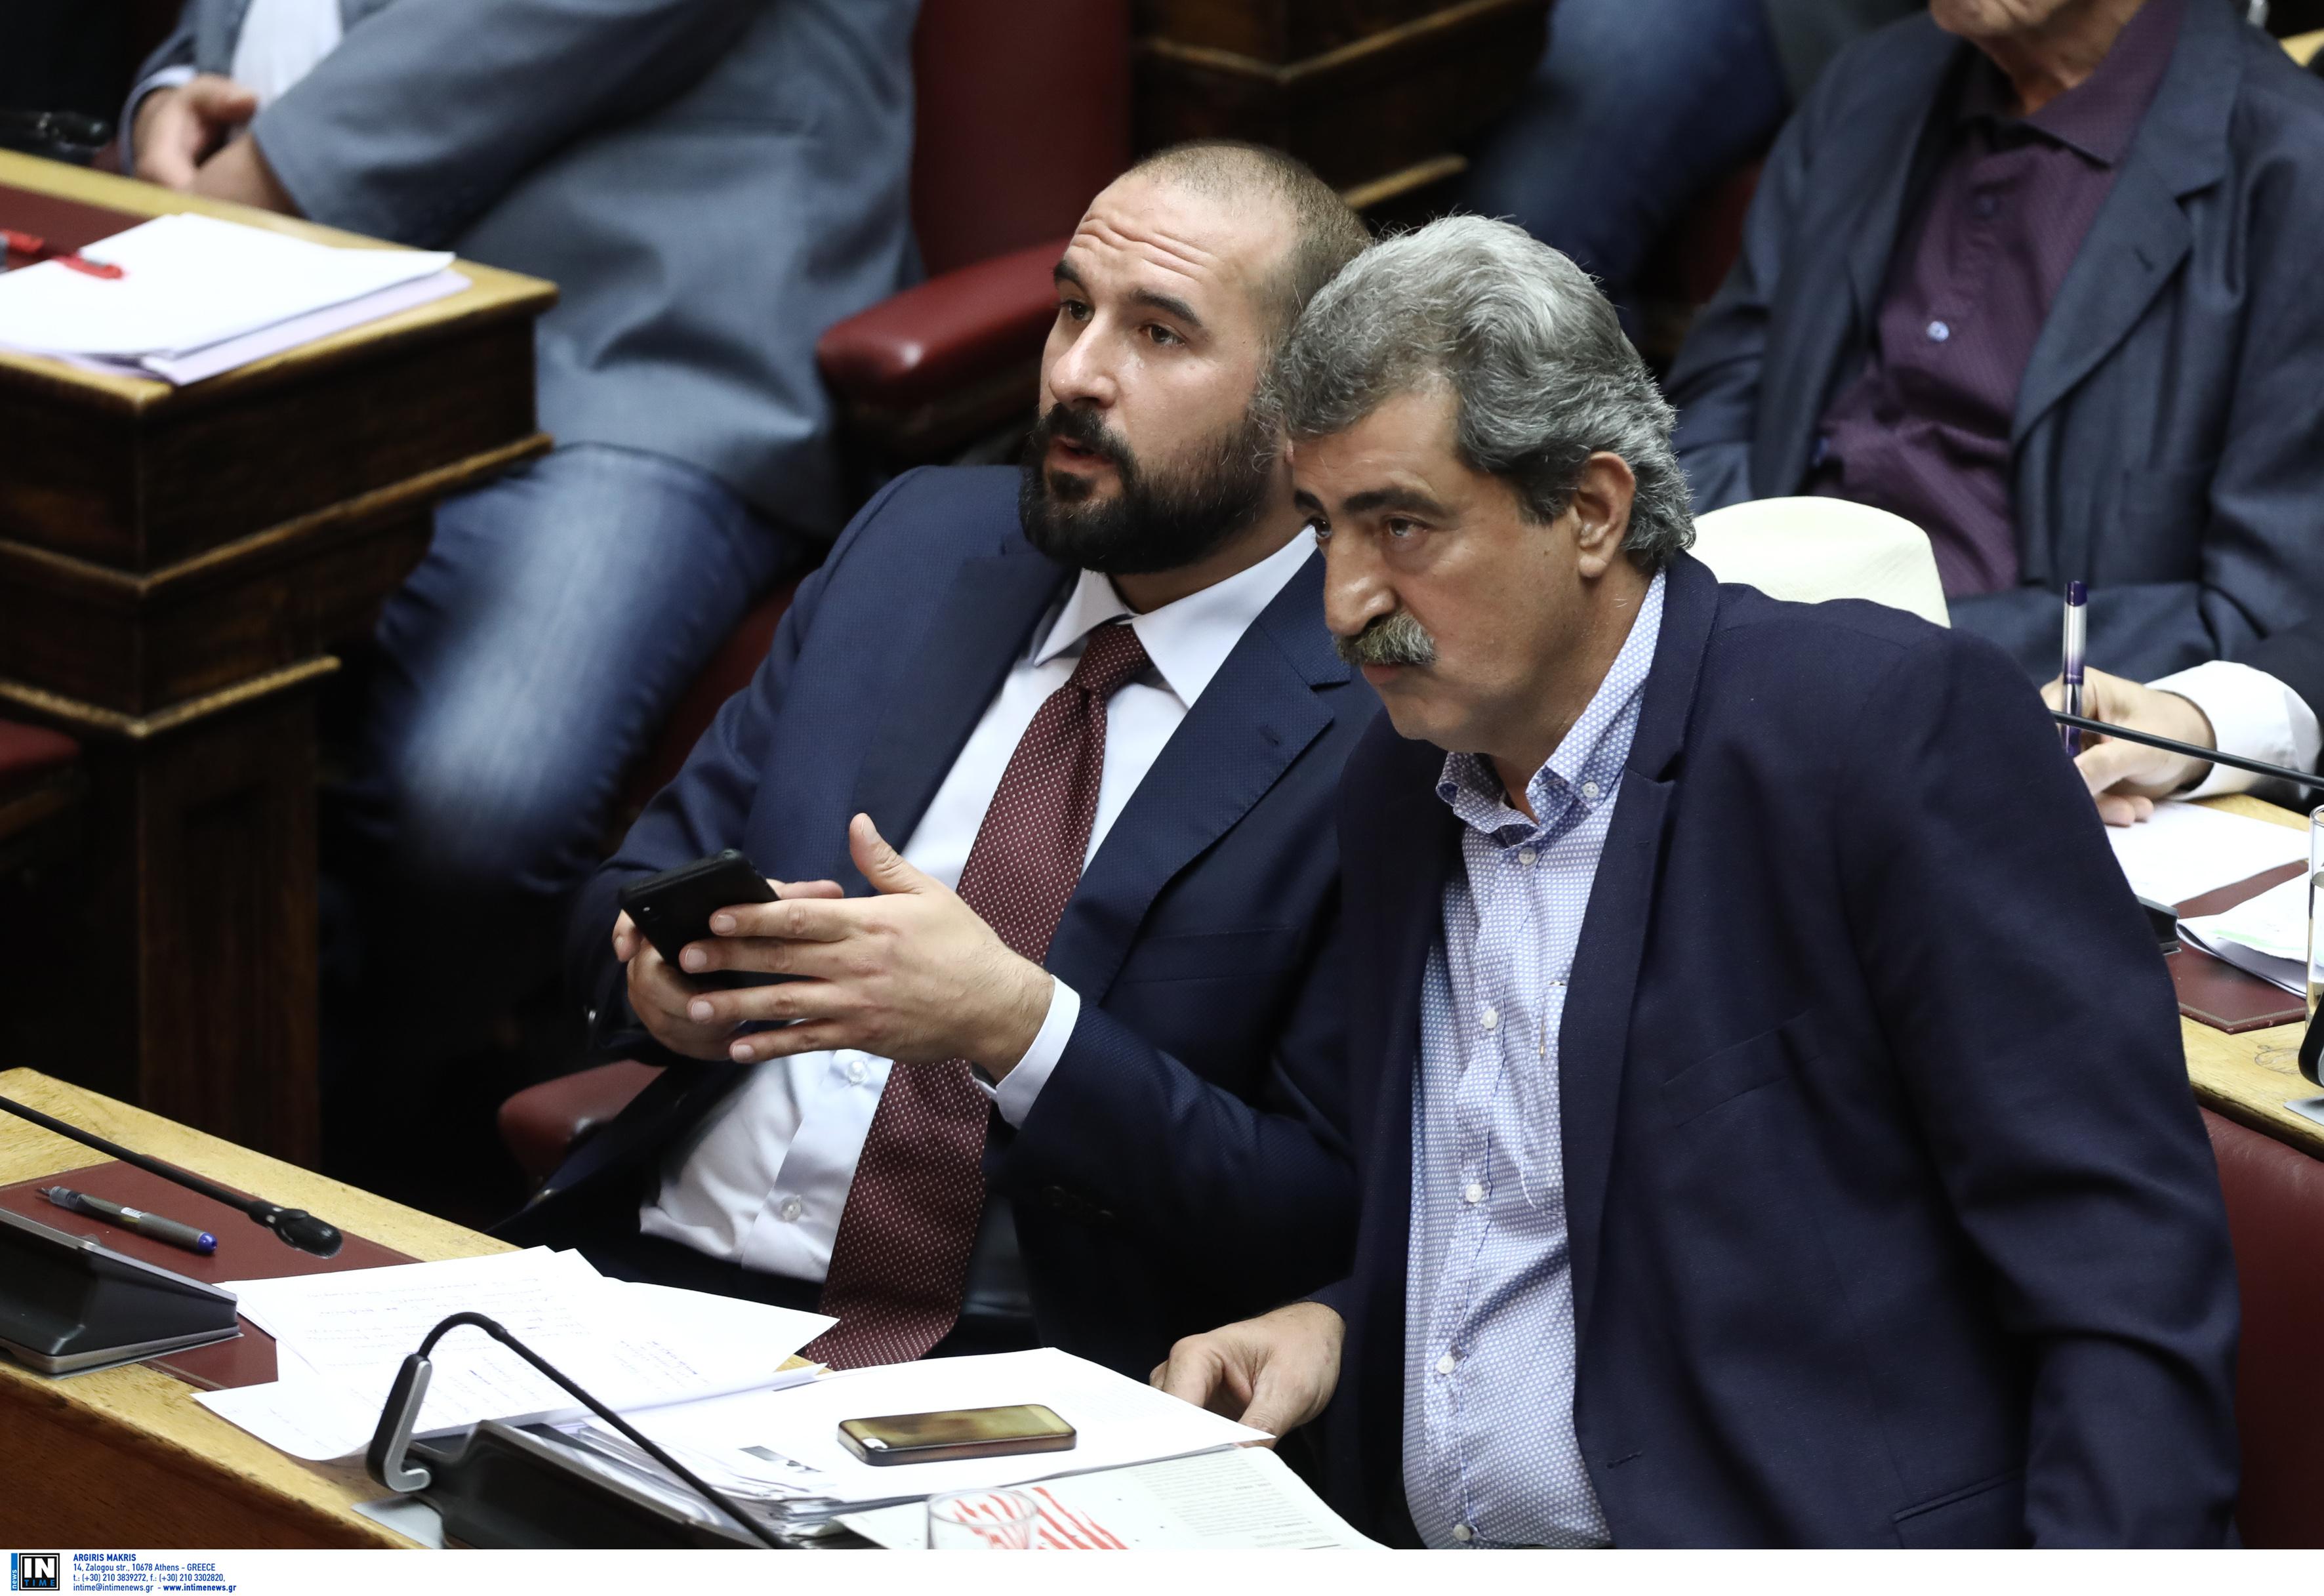 """Χαμός στην Προανακριτική! Δεν έβγαιναν Πολάκης - Τζανακόπουλος! Αναβολή και... """"απειλές"""""""